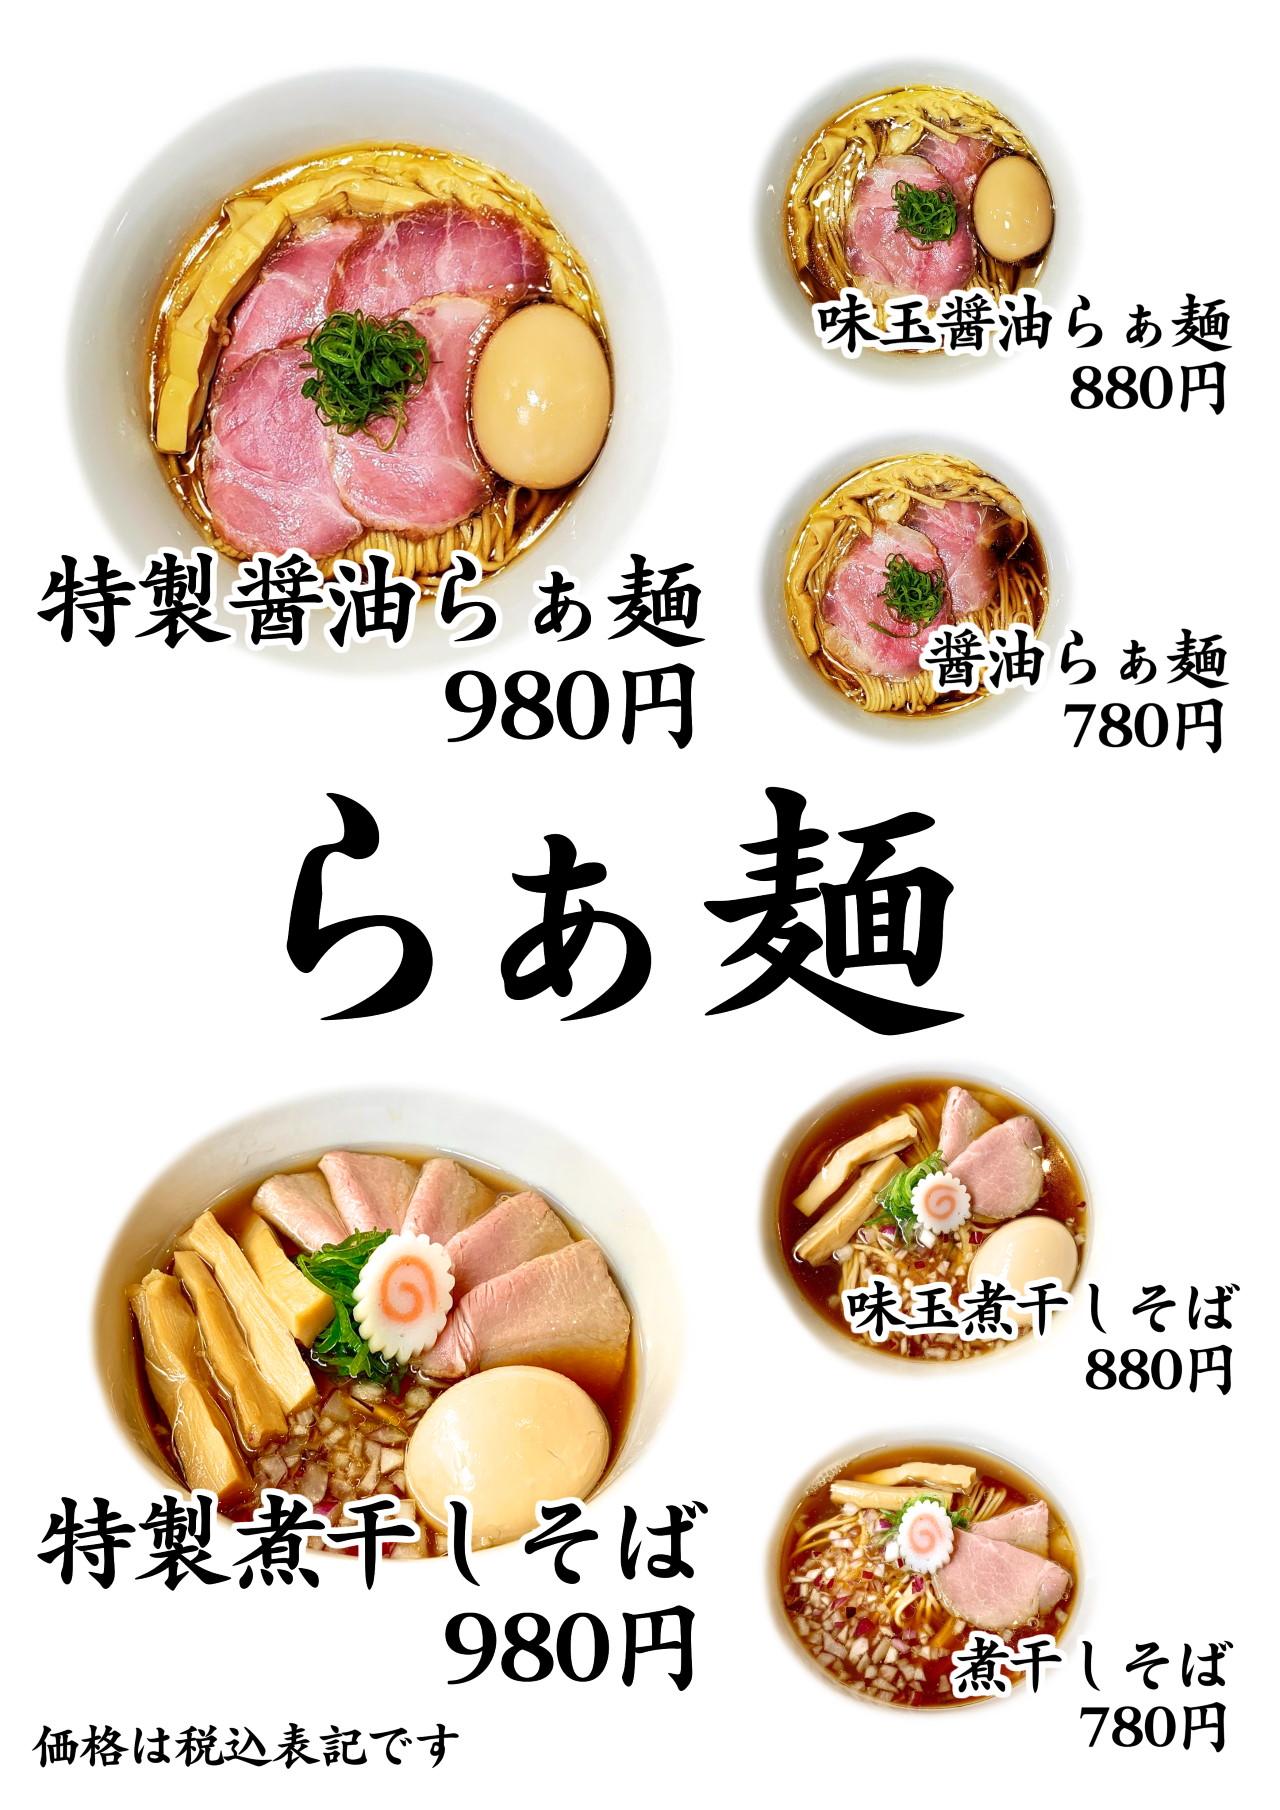 和來 メニュー1 らぁ麺